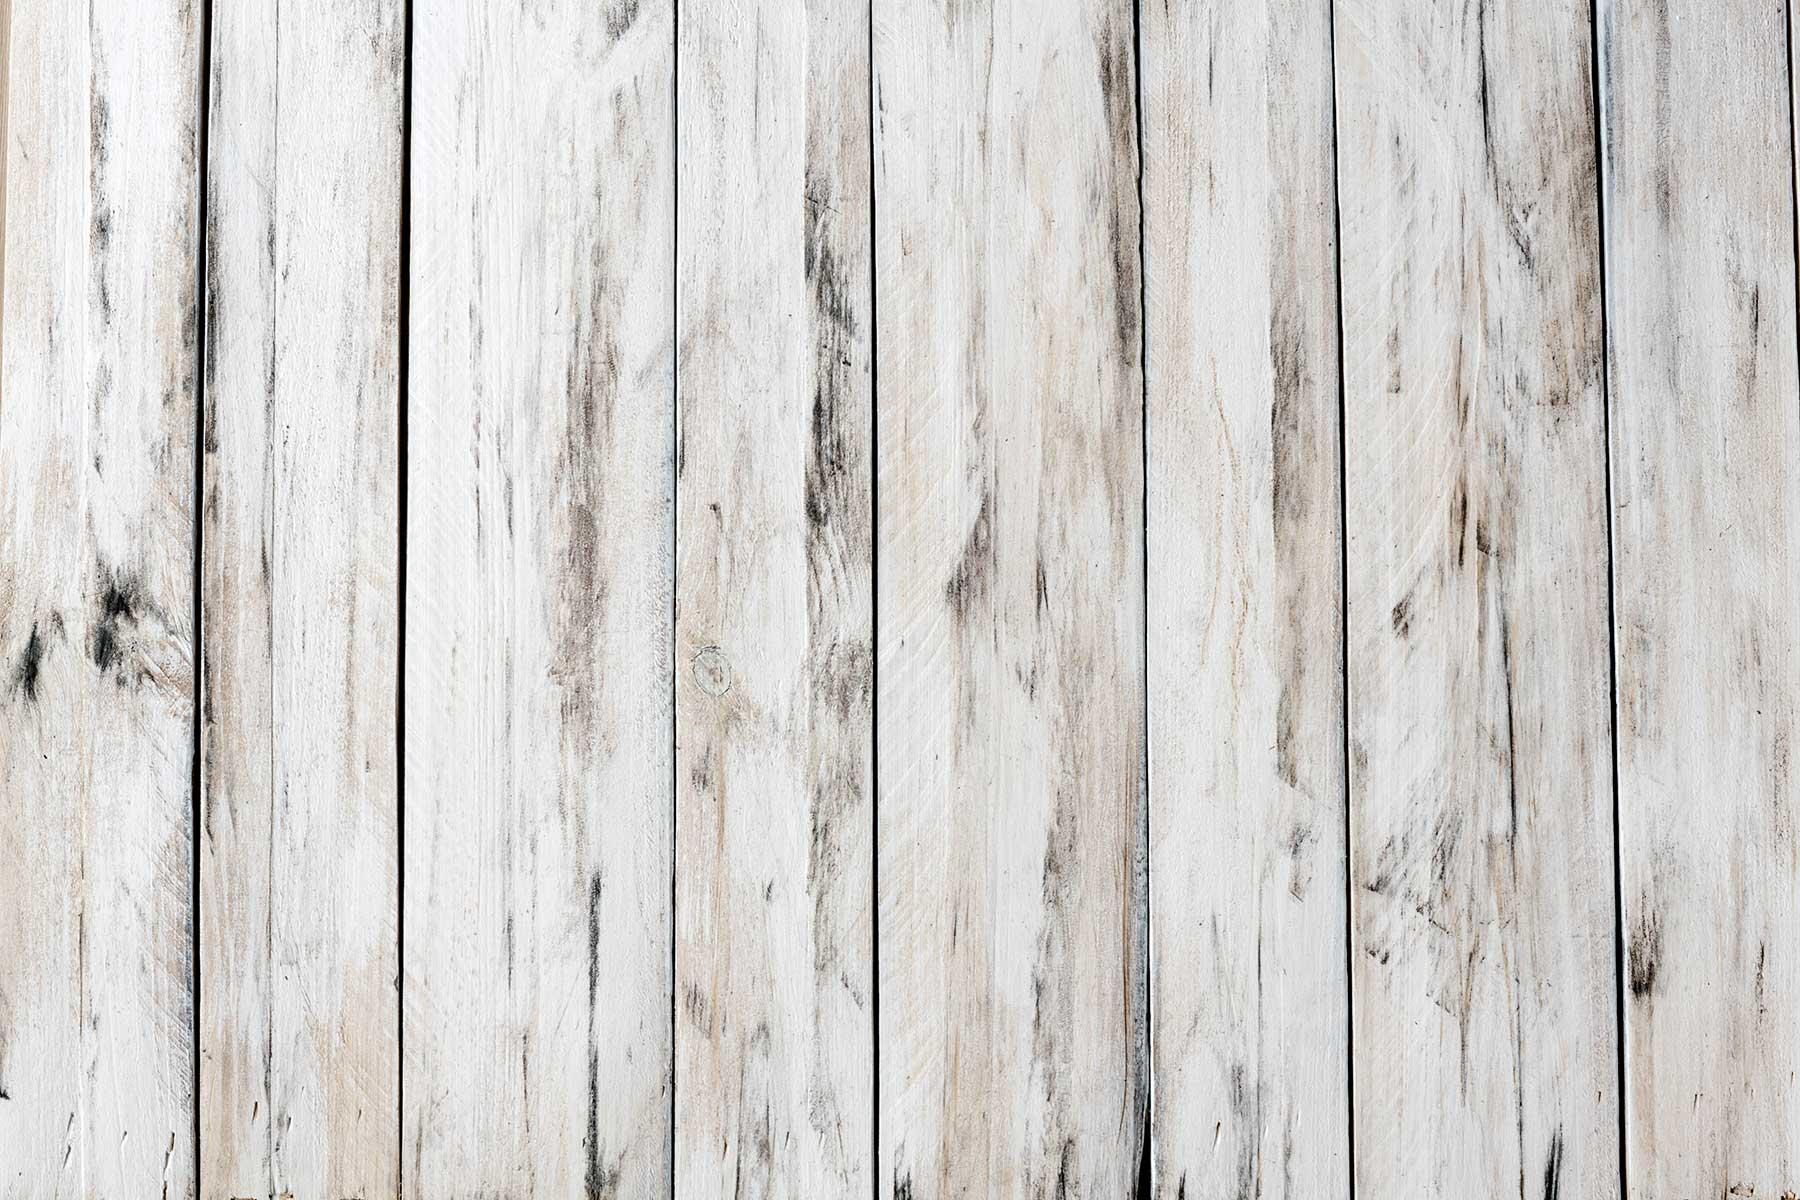 Holzuntergrund mit dunklen Highlight